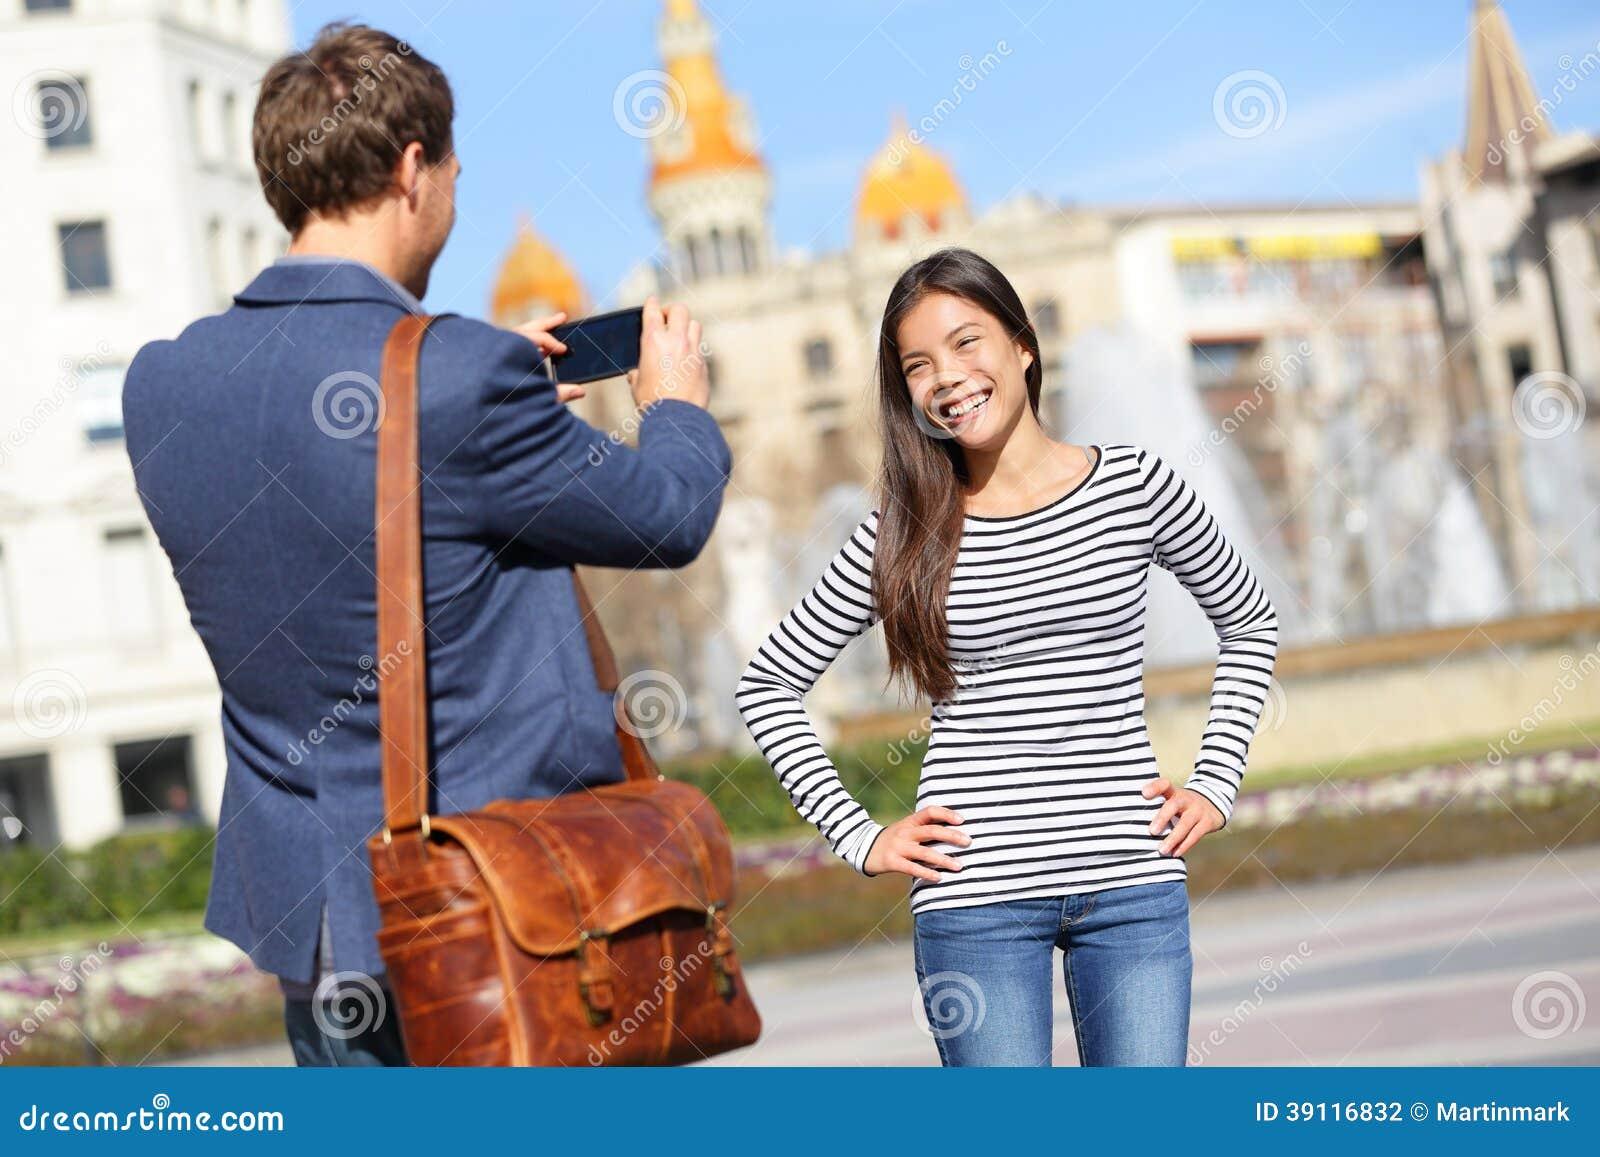 Toeristen die beeld op reis in Barcelona nemen